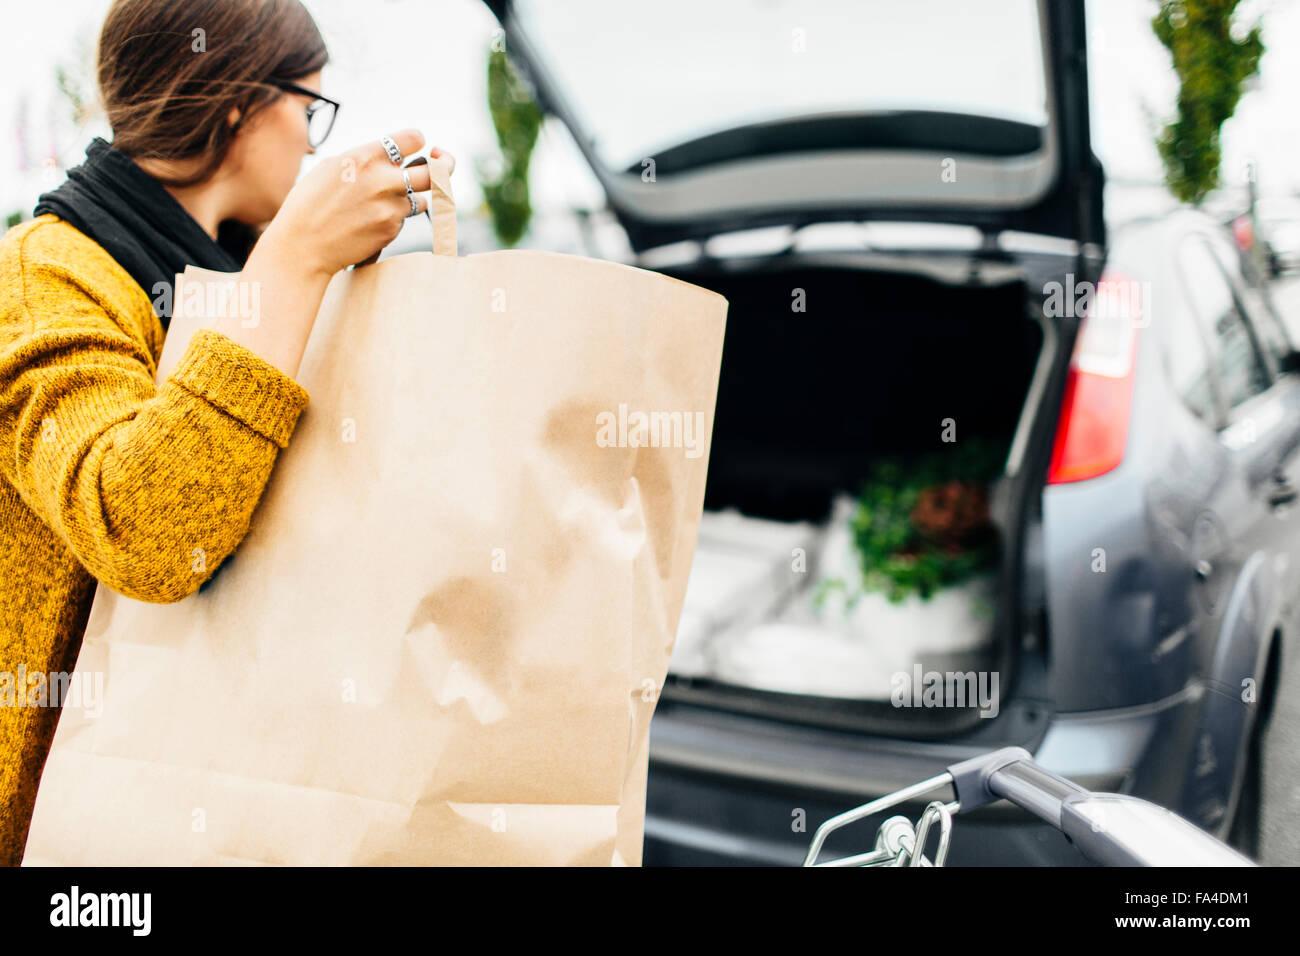 Junge Frau, die Einkaufstasche in den Kofferraum des Autos geladen Stockbild